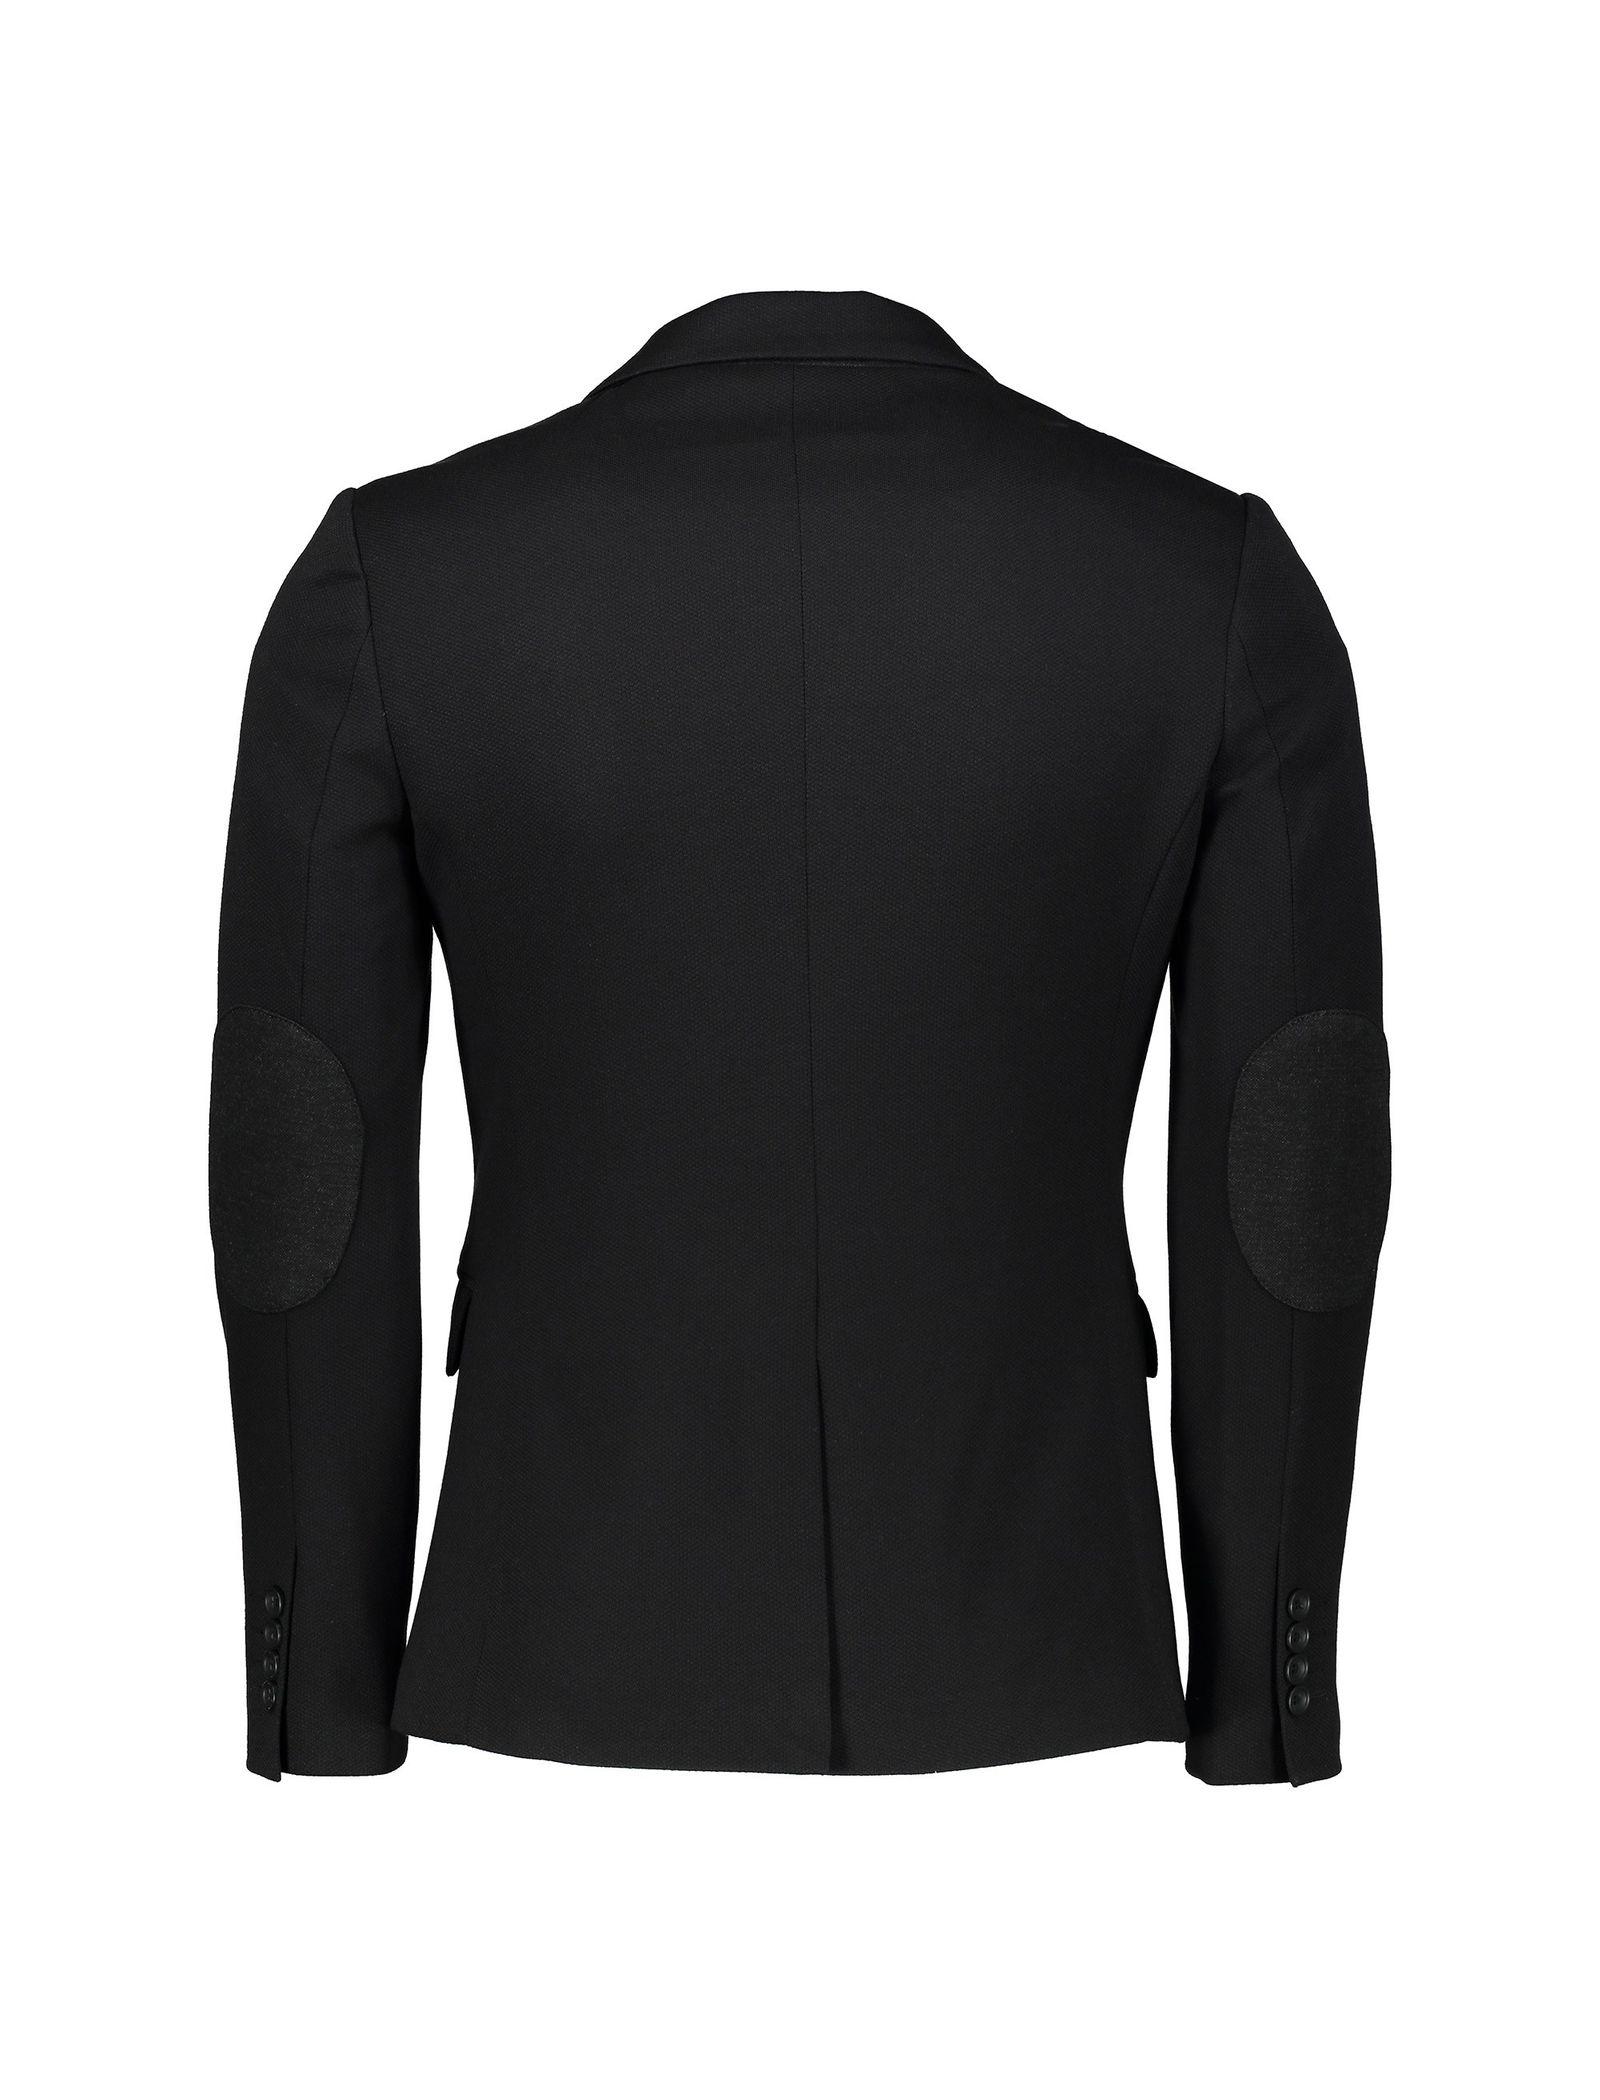 کت تک غیر رسمی مردانه - کوتون - مشکي - 2